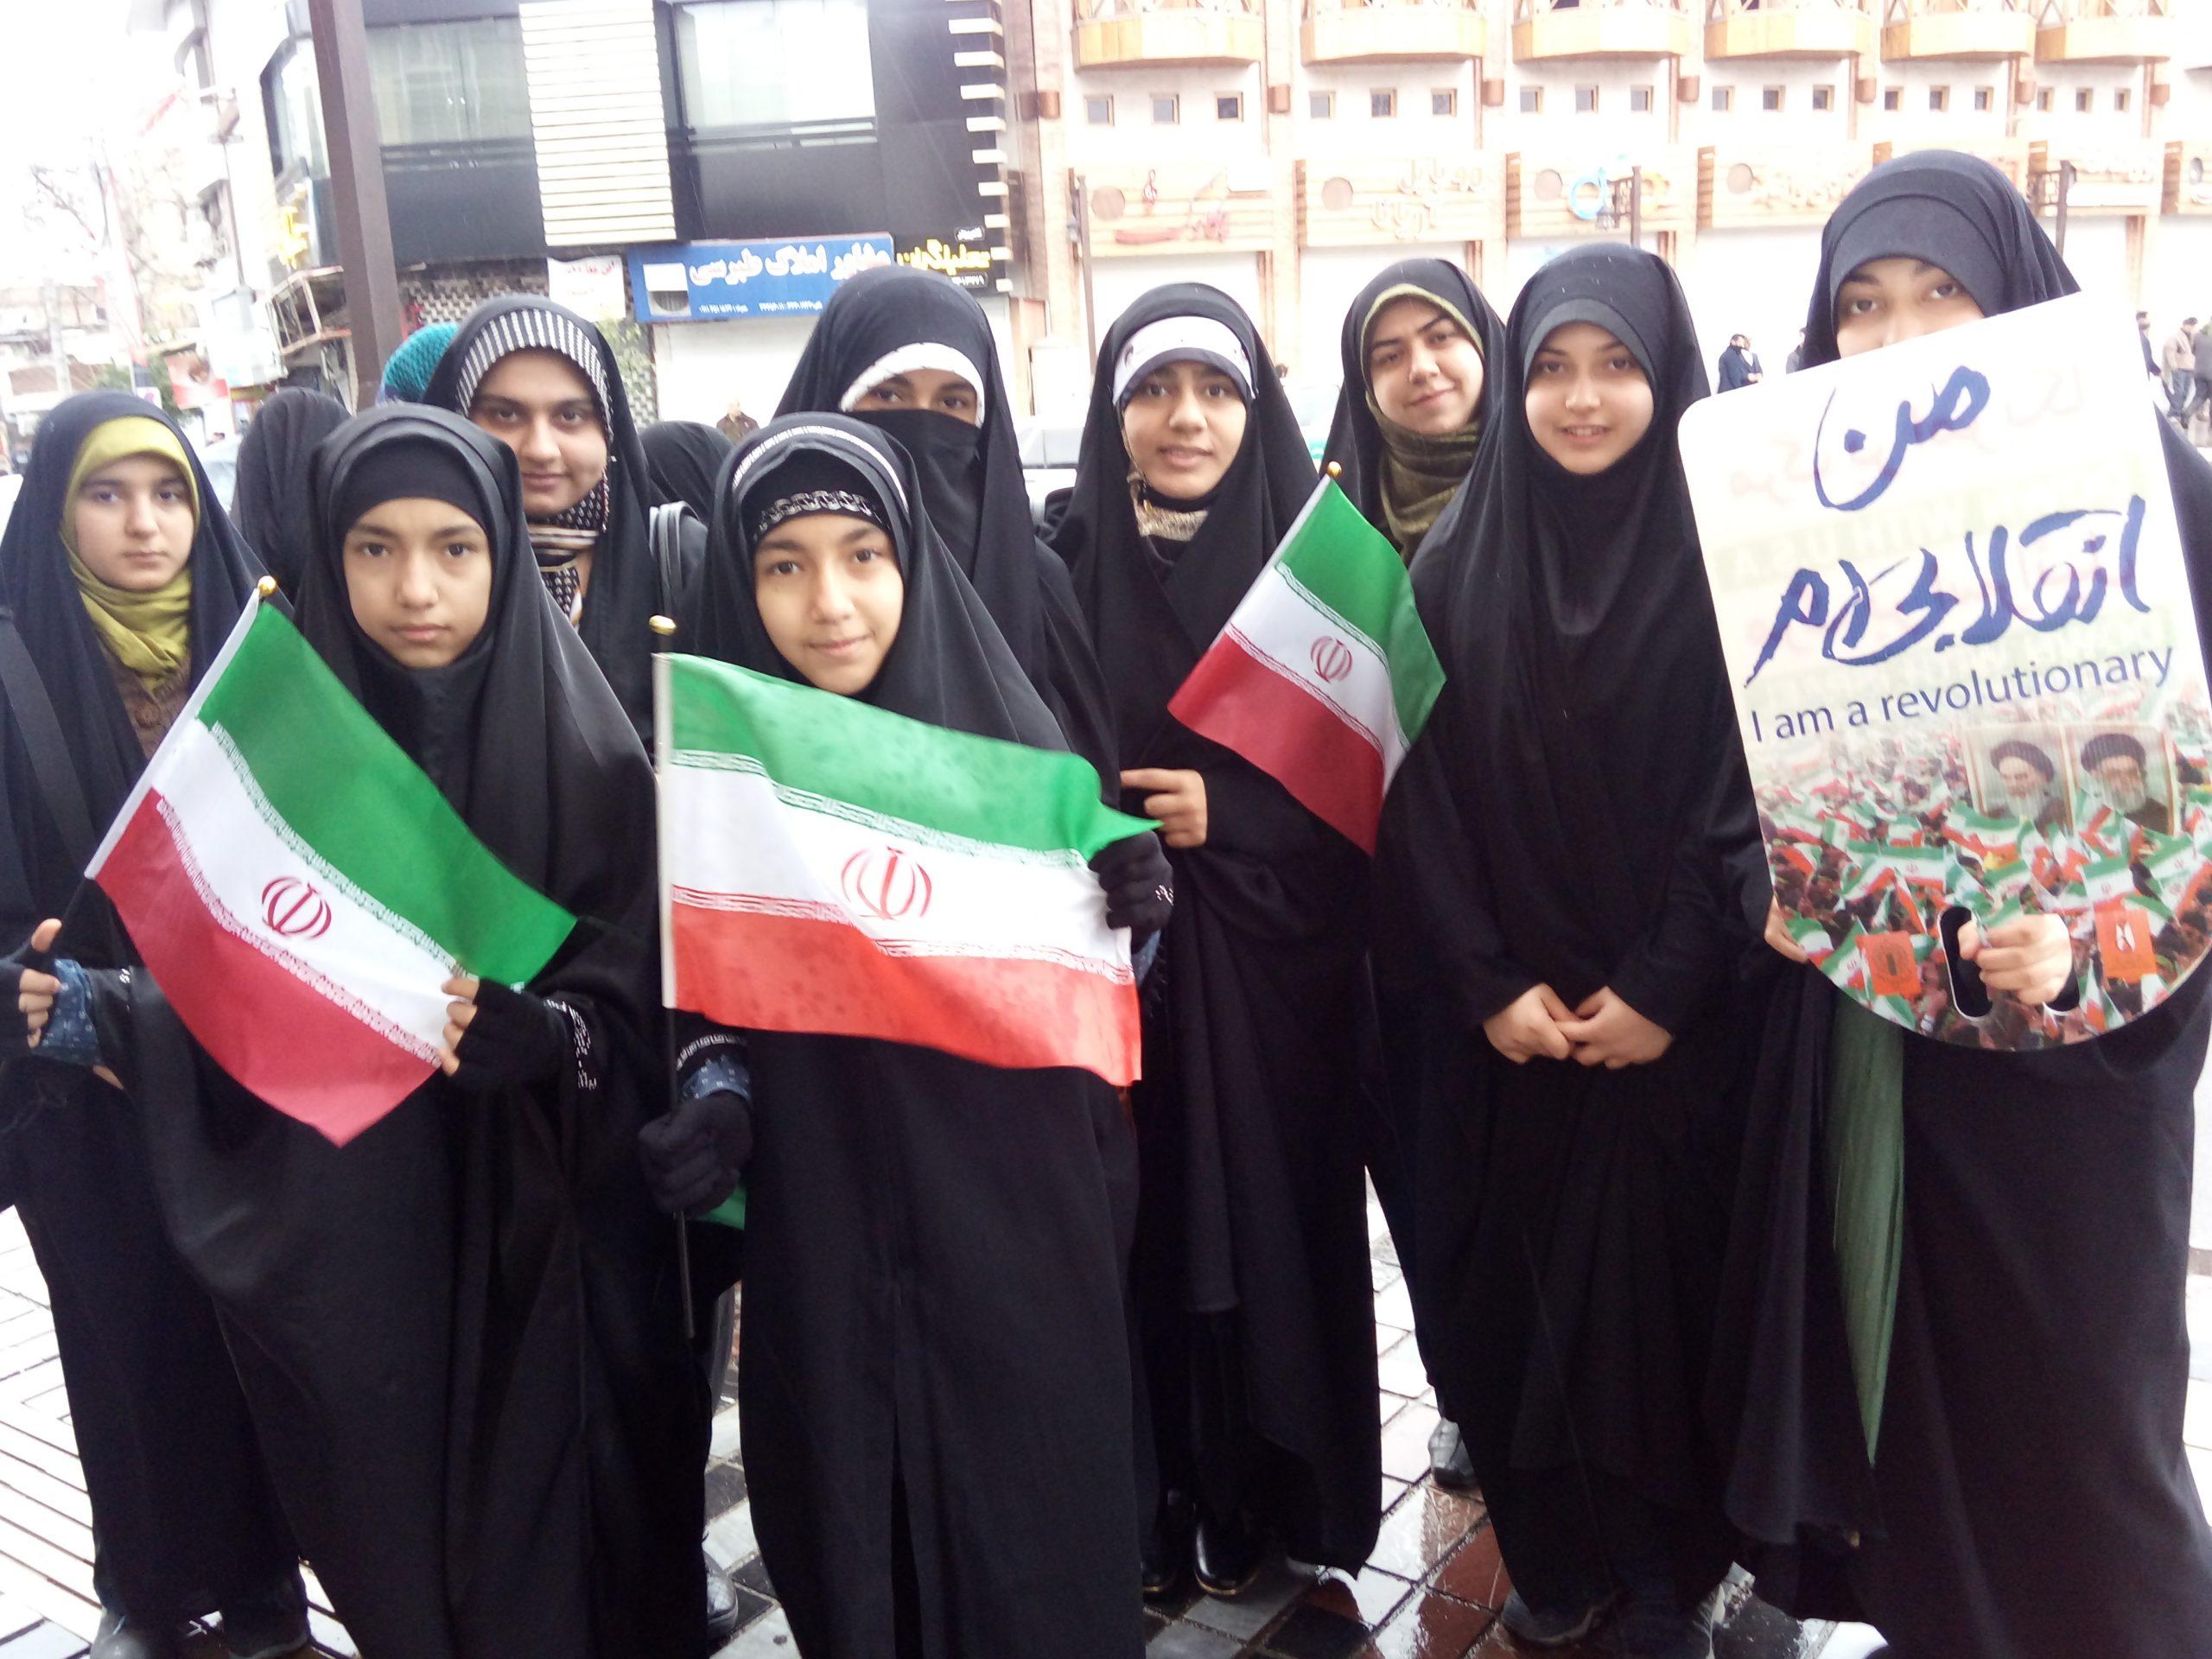 حضور دختران خوش حجاب ساروی در راهپیمایی ۲۲ بهمن